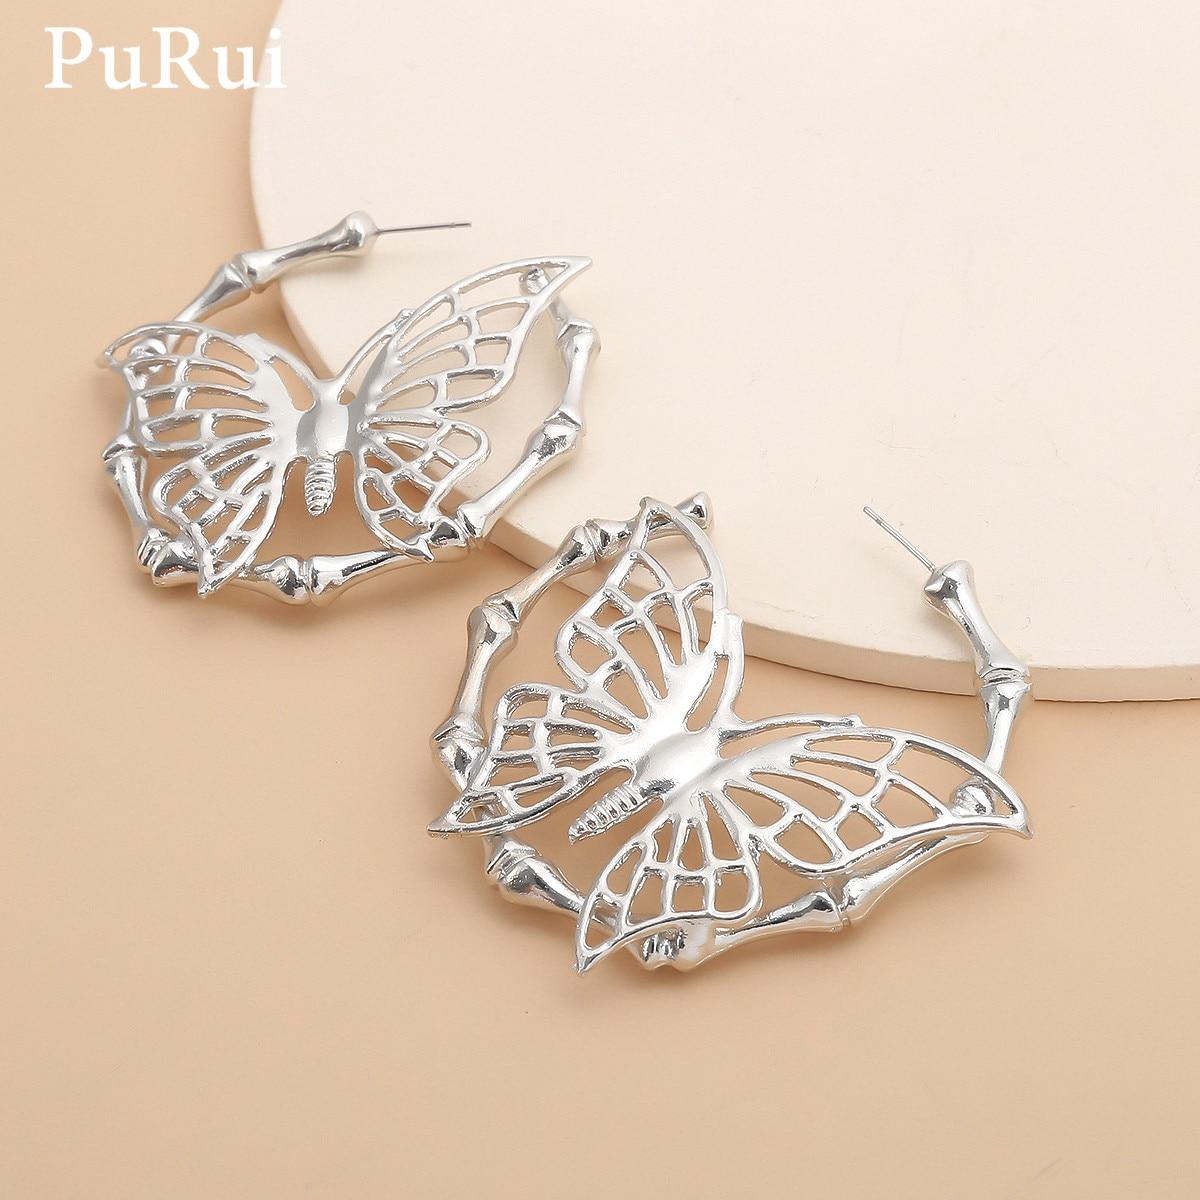 Серьги-кольца PuRui в виде бабочки женские, большие корейские готические Винтажные Украшения из бамбука, бижутерия в винтажном стиле